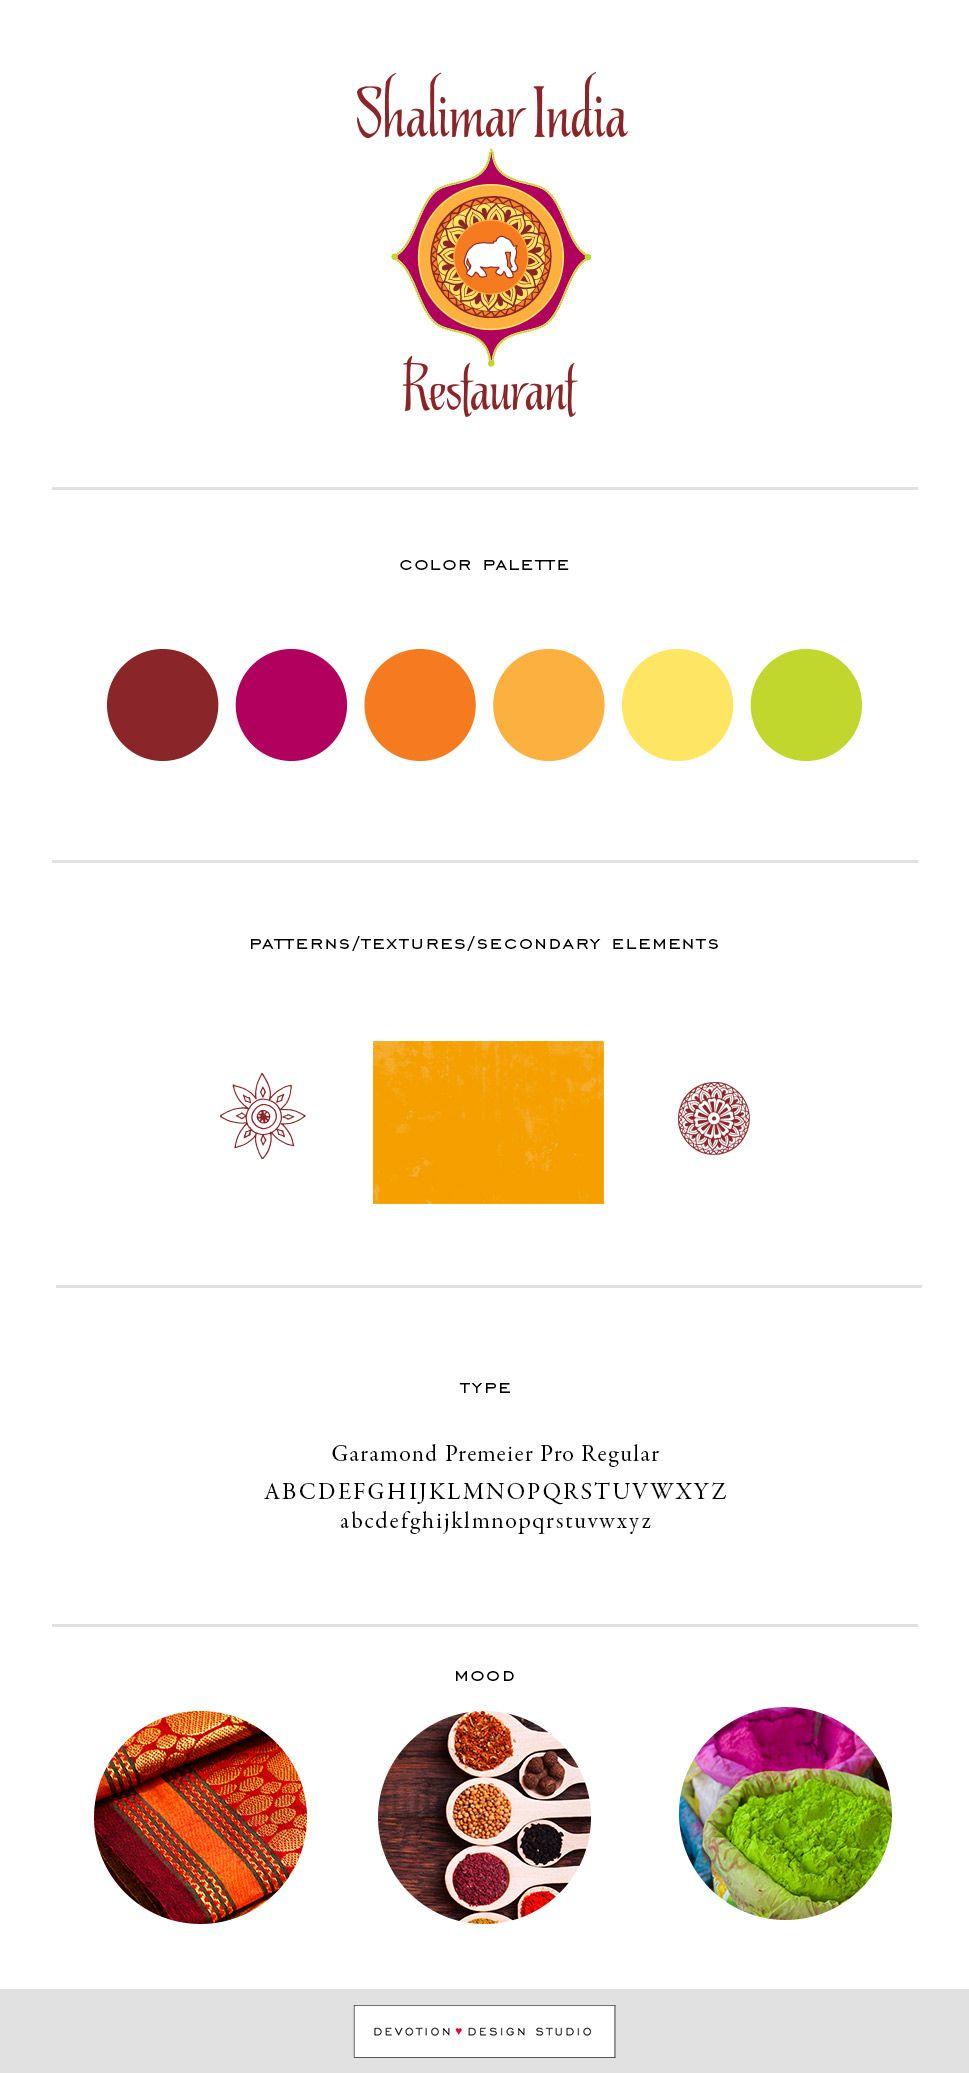 Branding board for branding work Devotion Design Studio did for ...